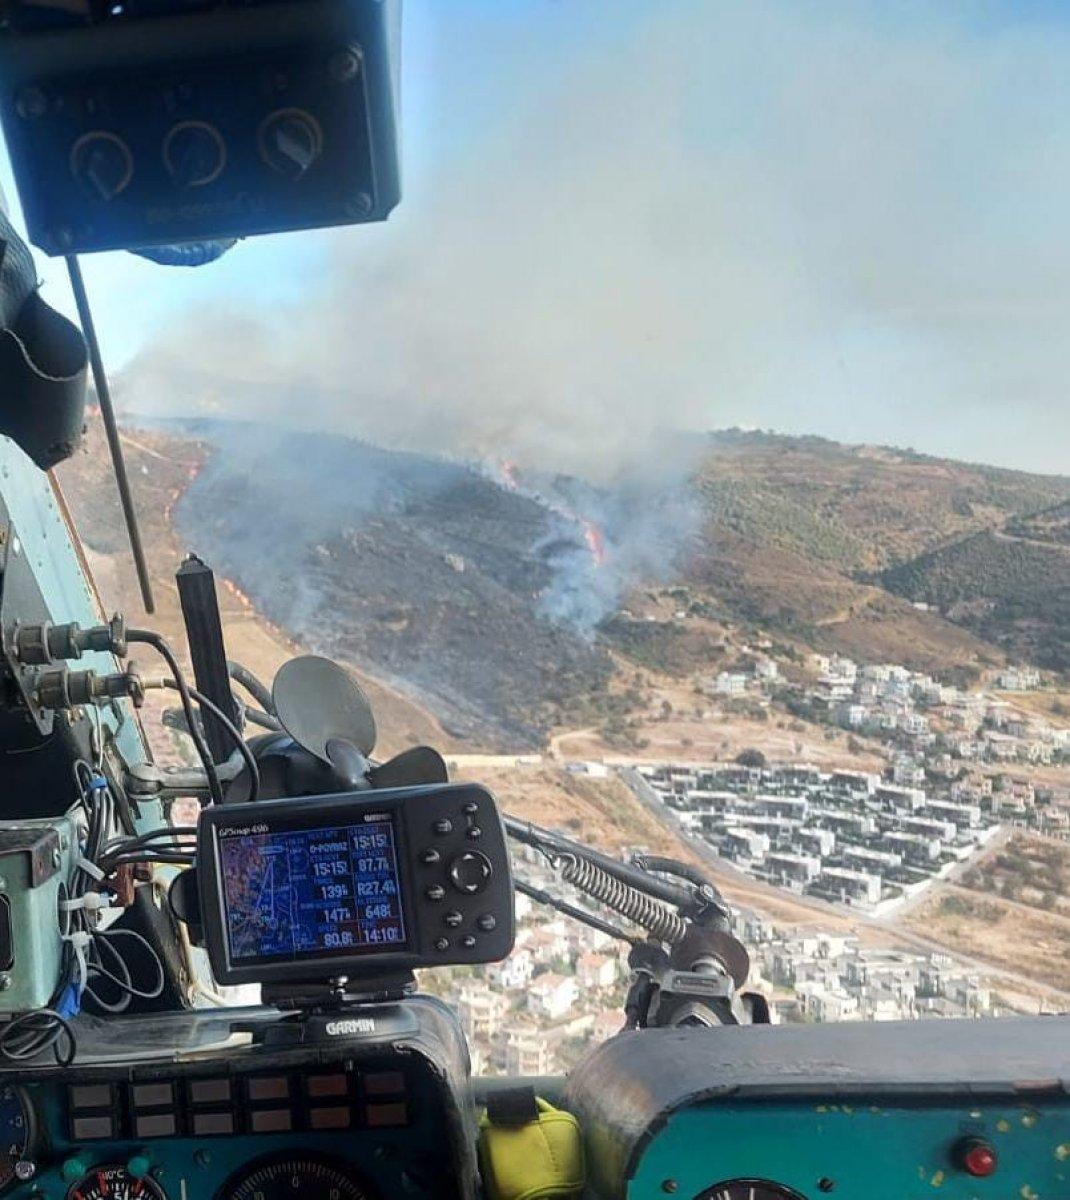 İzmir de makilik alanda yangın çıktı #4